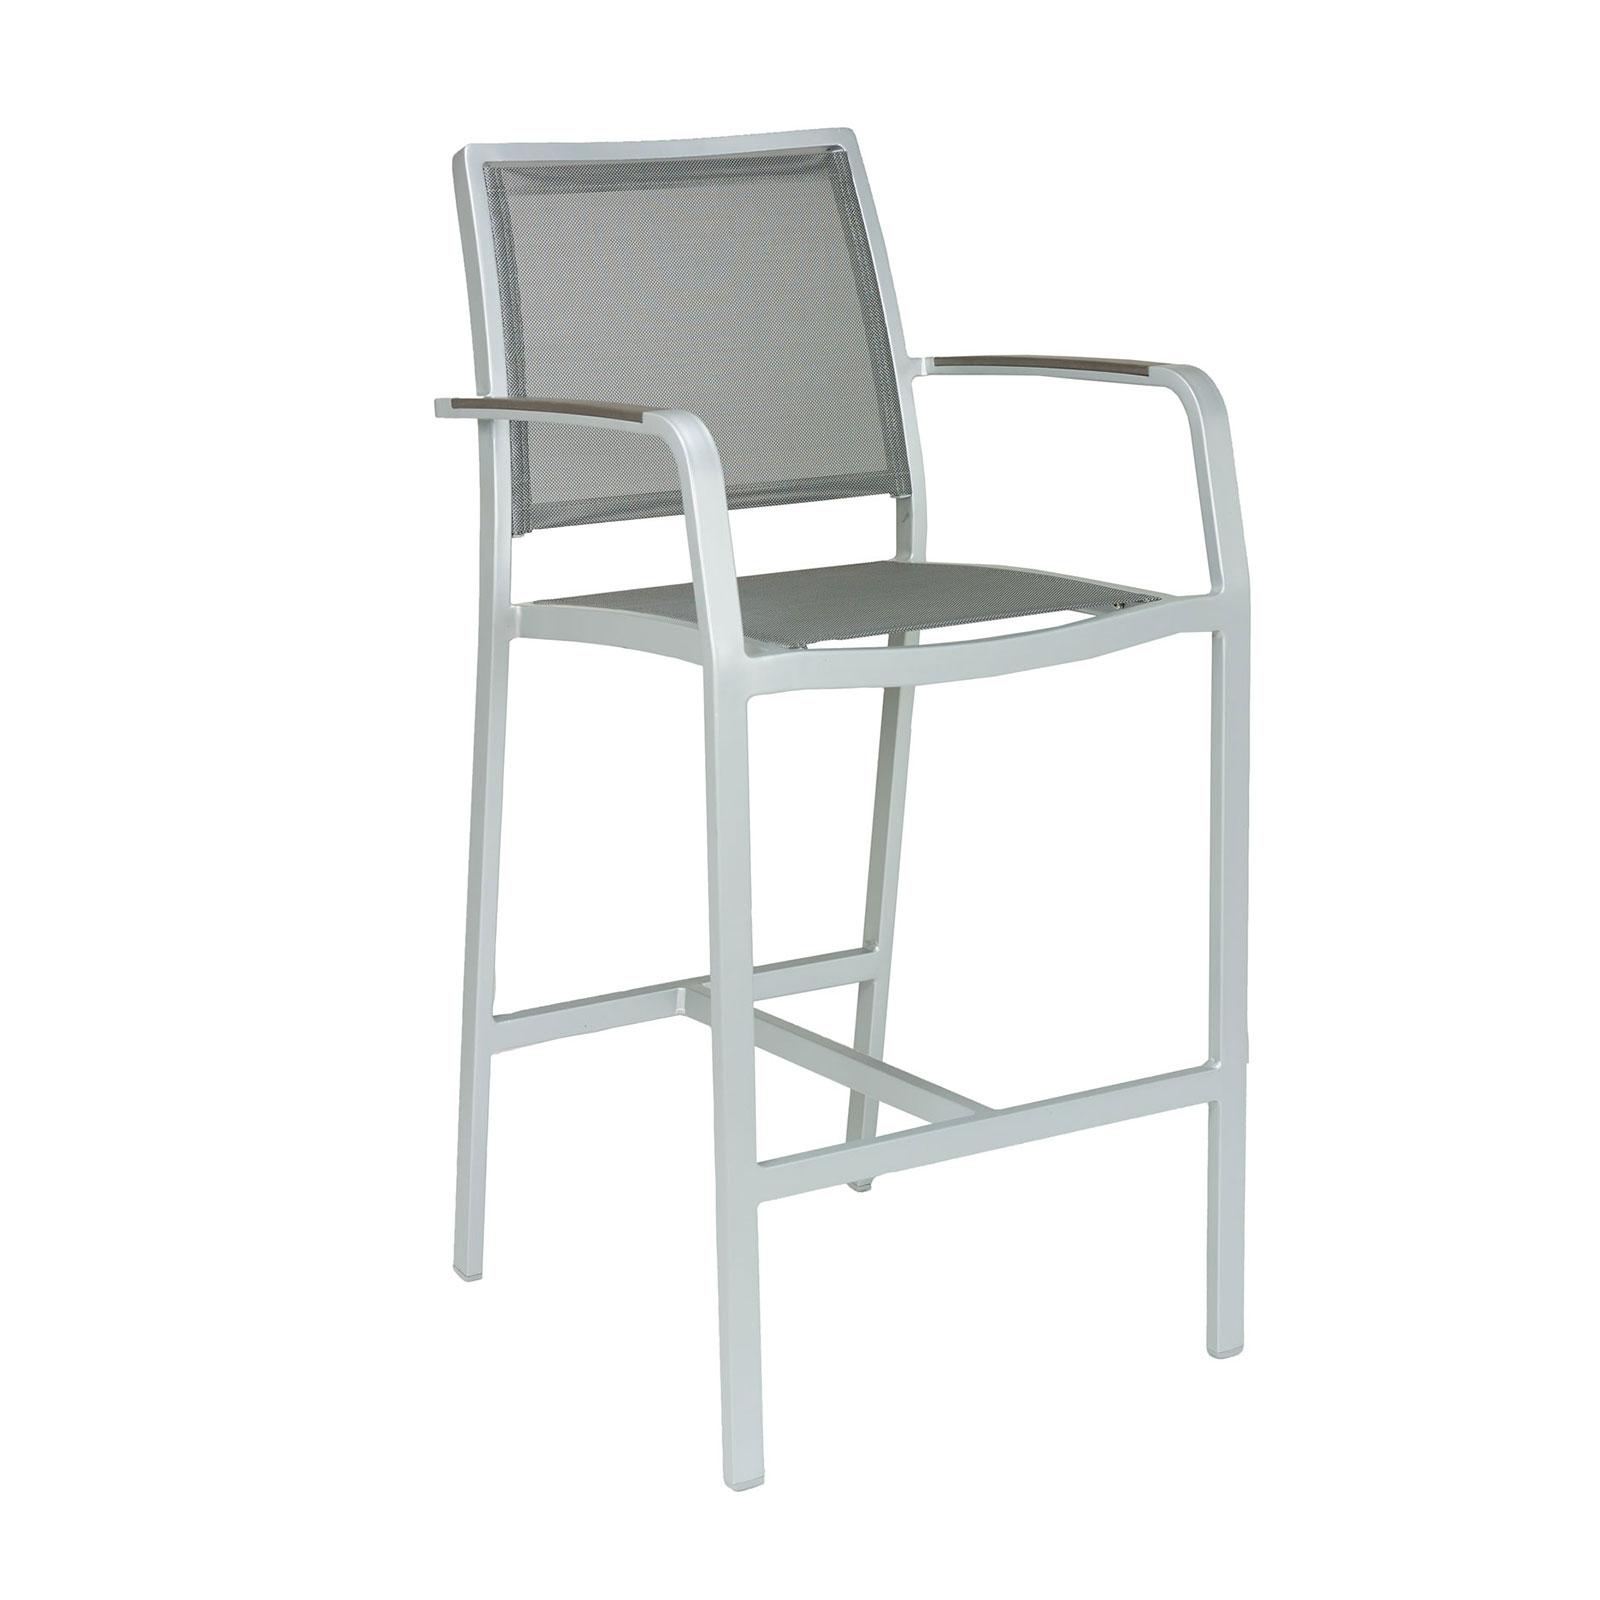 Florida Seating BAL-5724A bar stool, outdoor